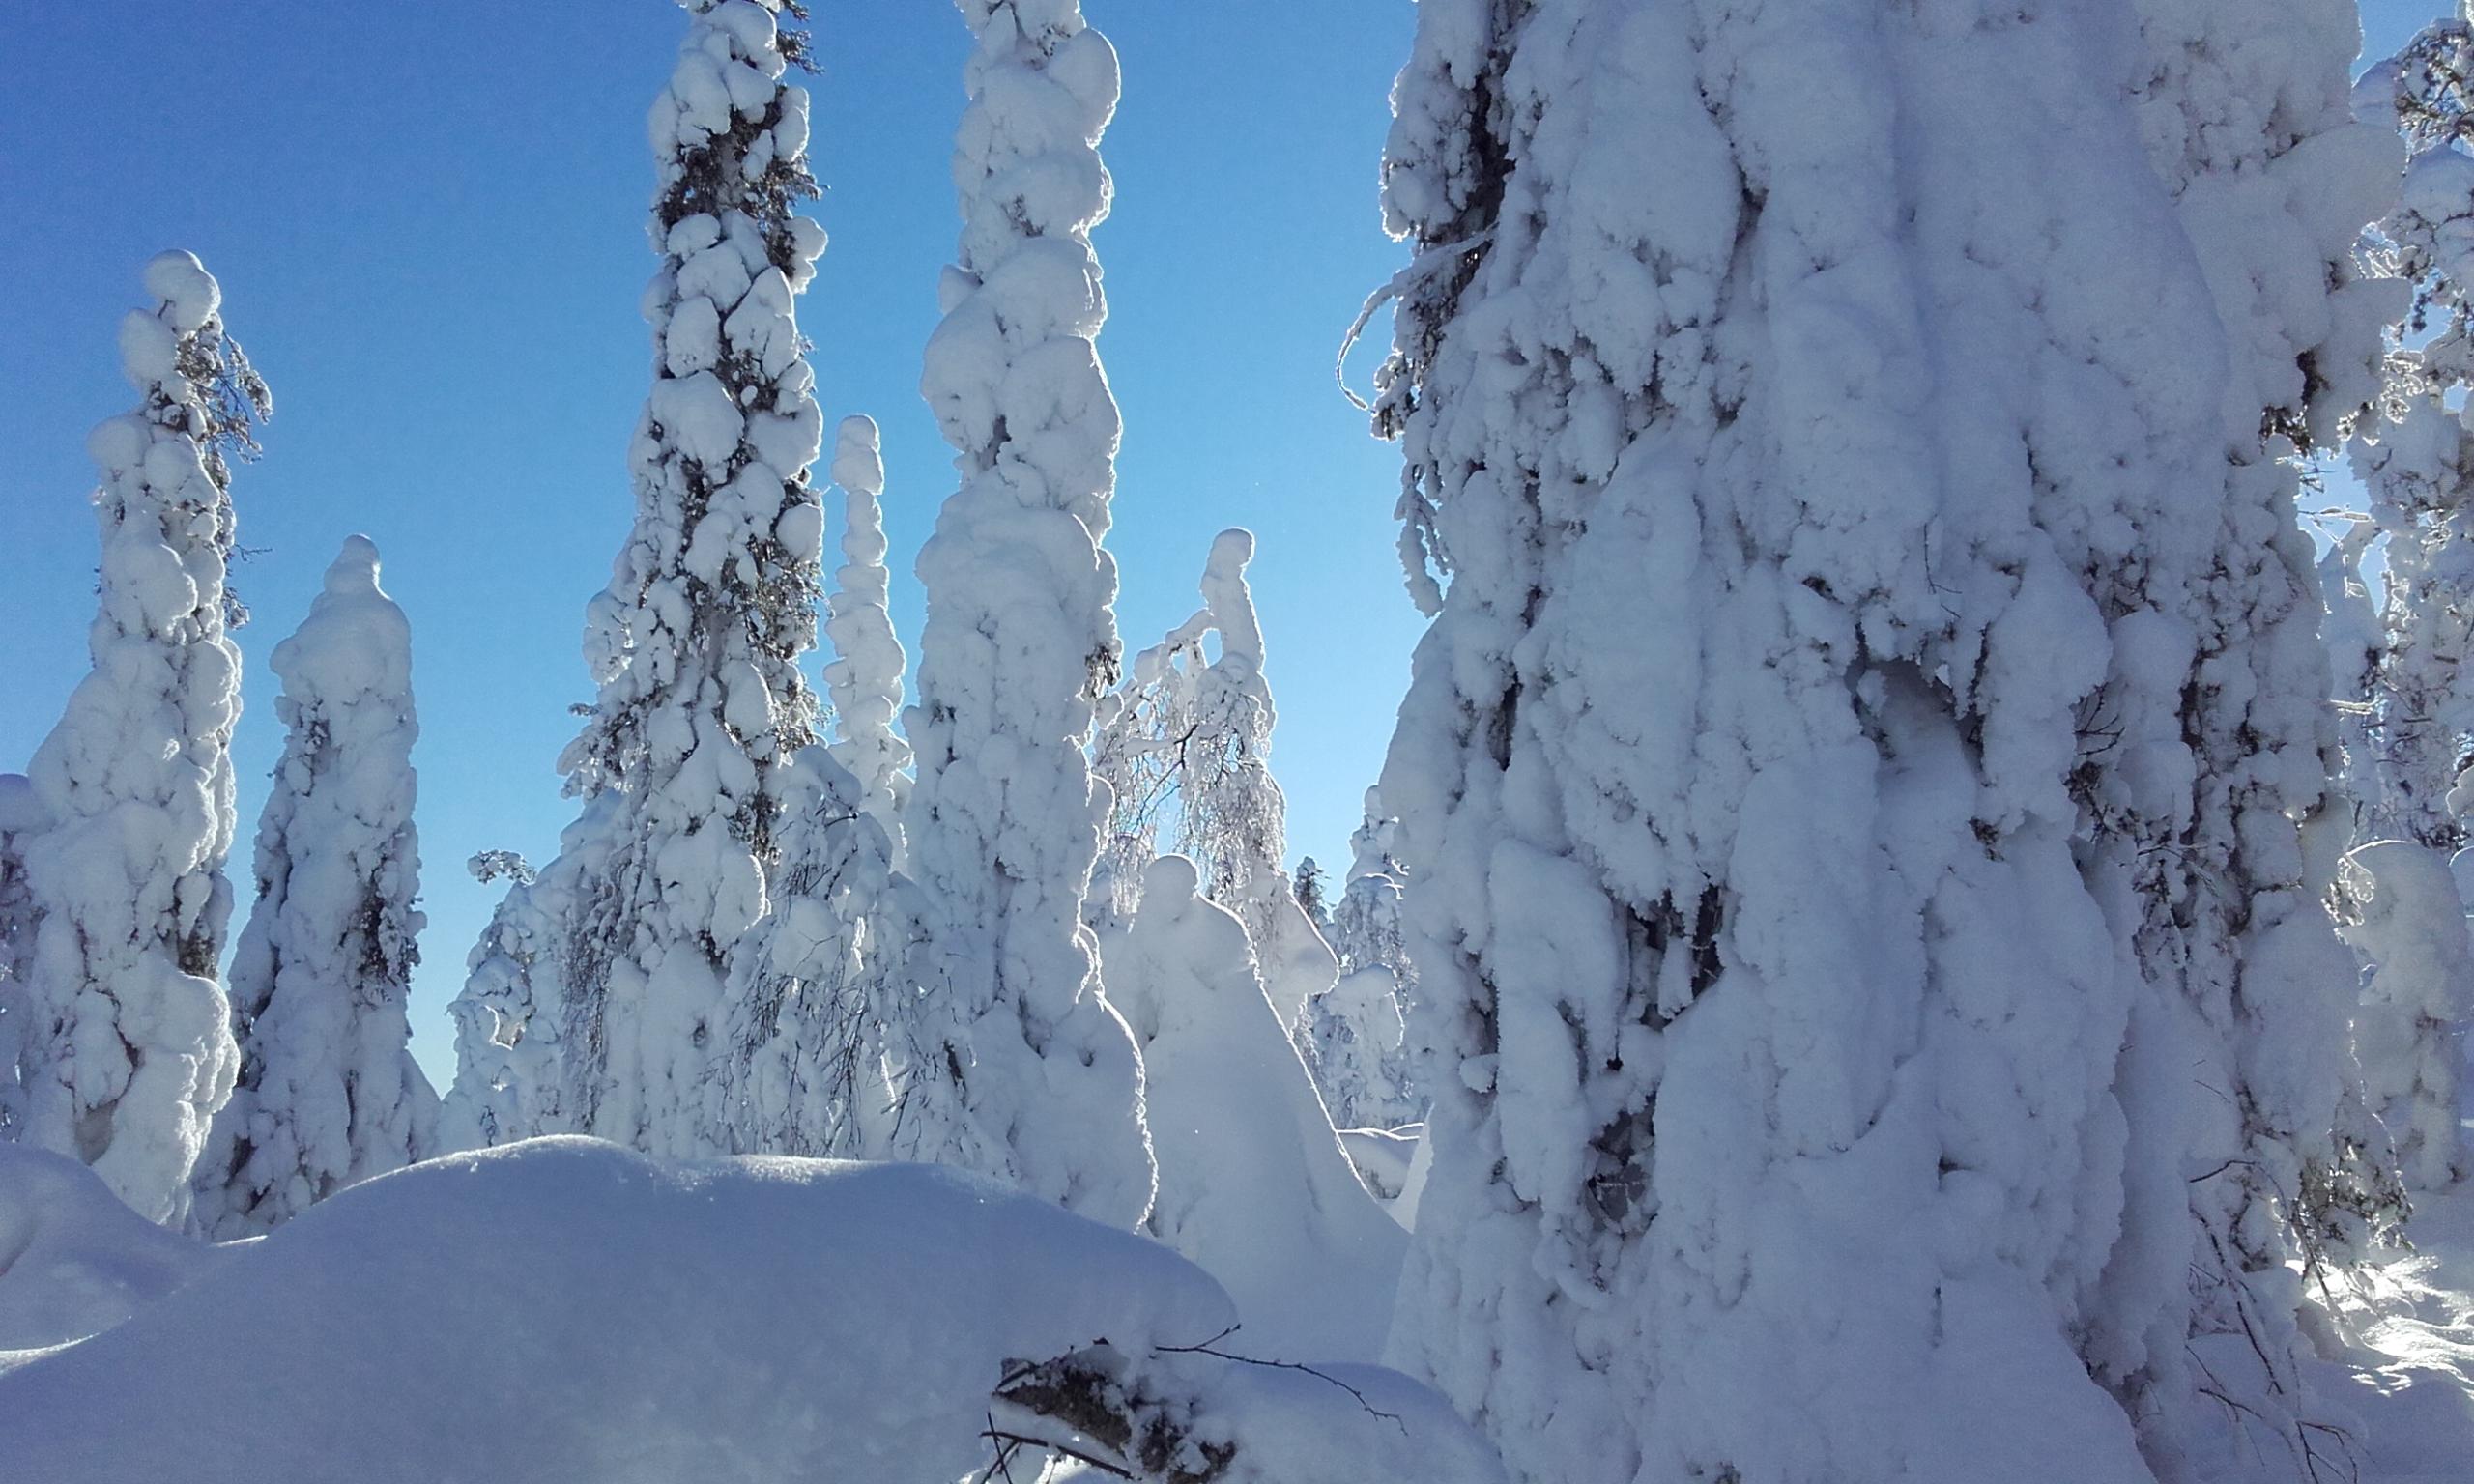 Formas en la nieve